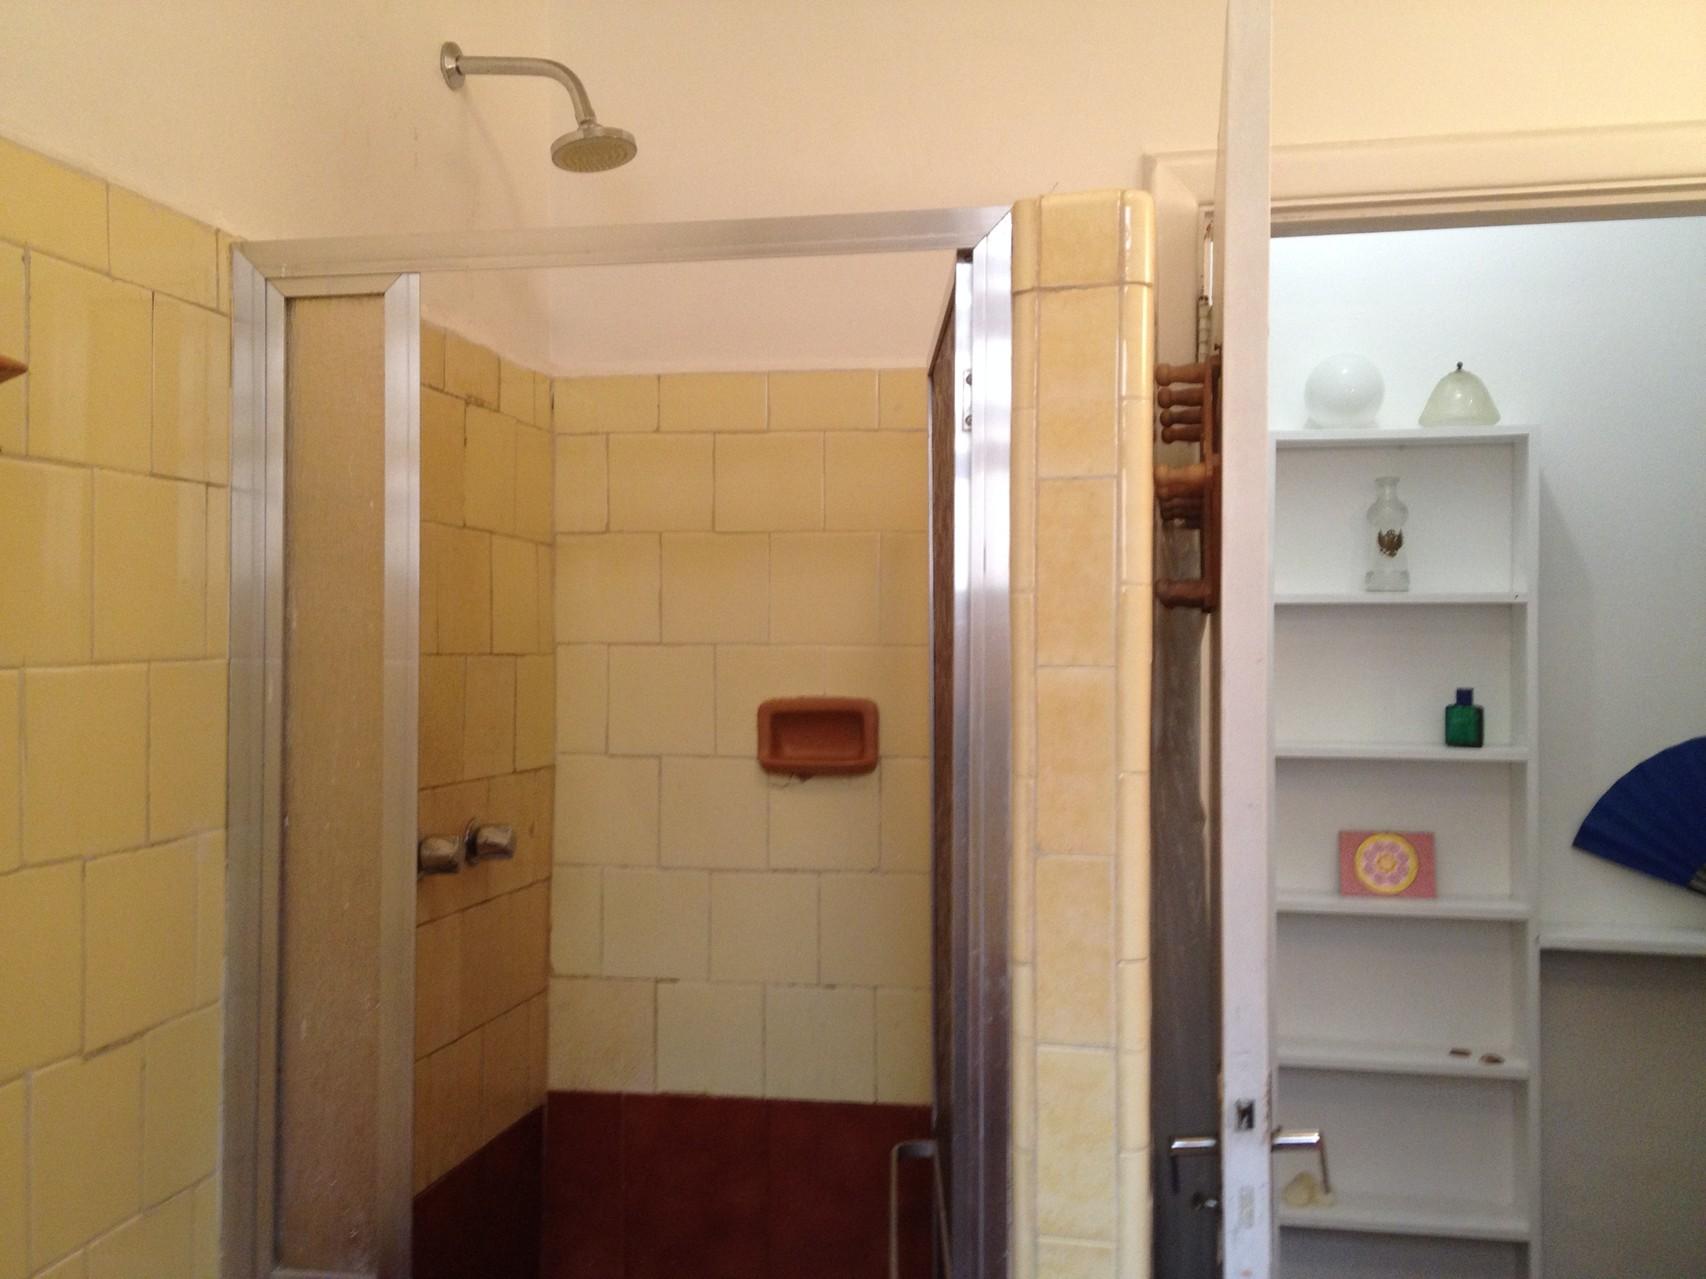 die Dusche und Flur